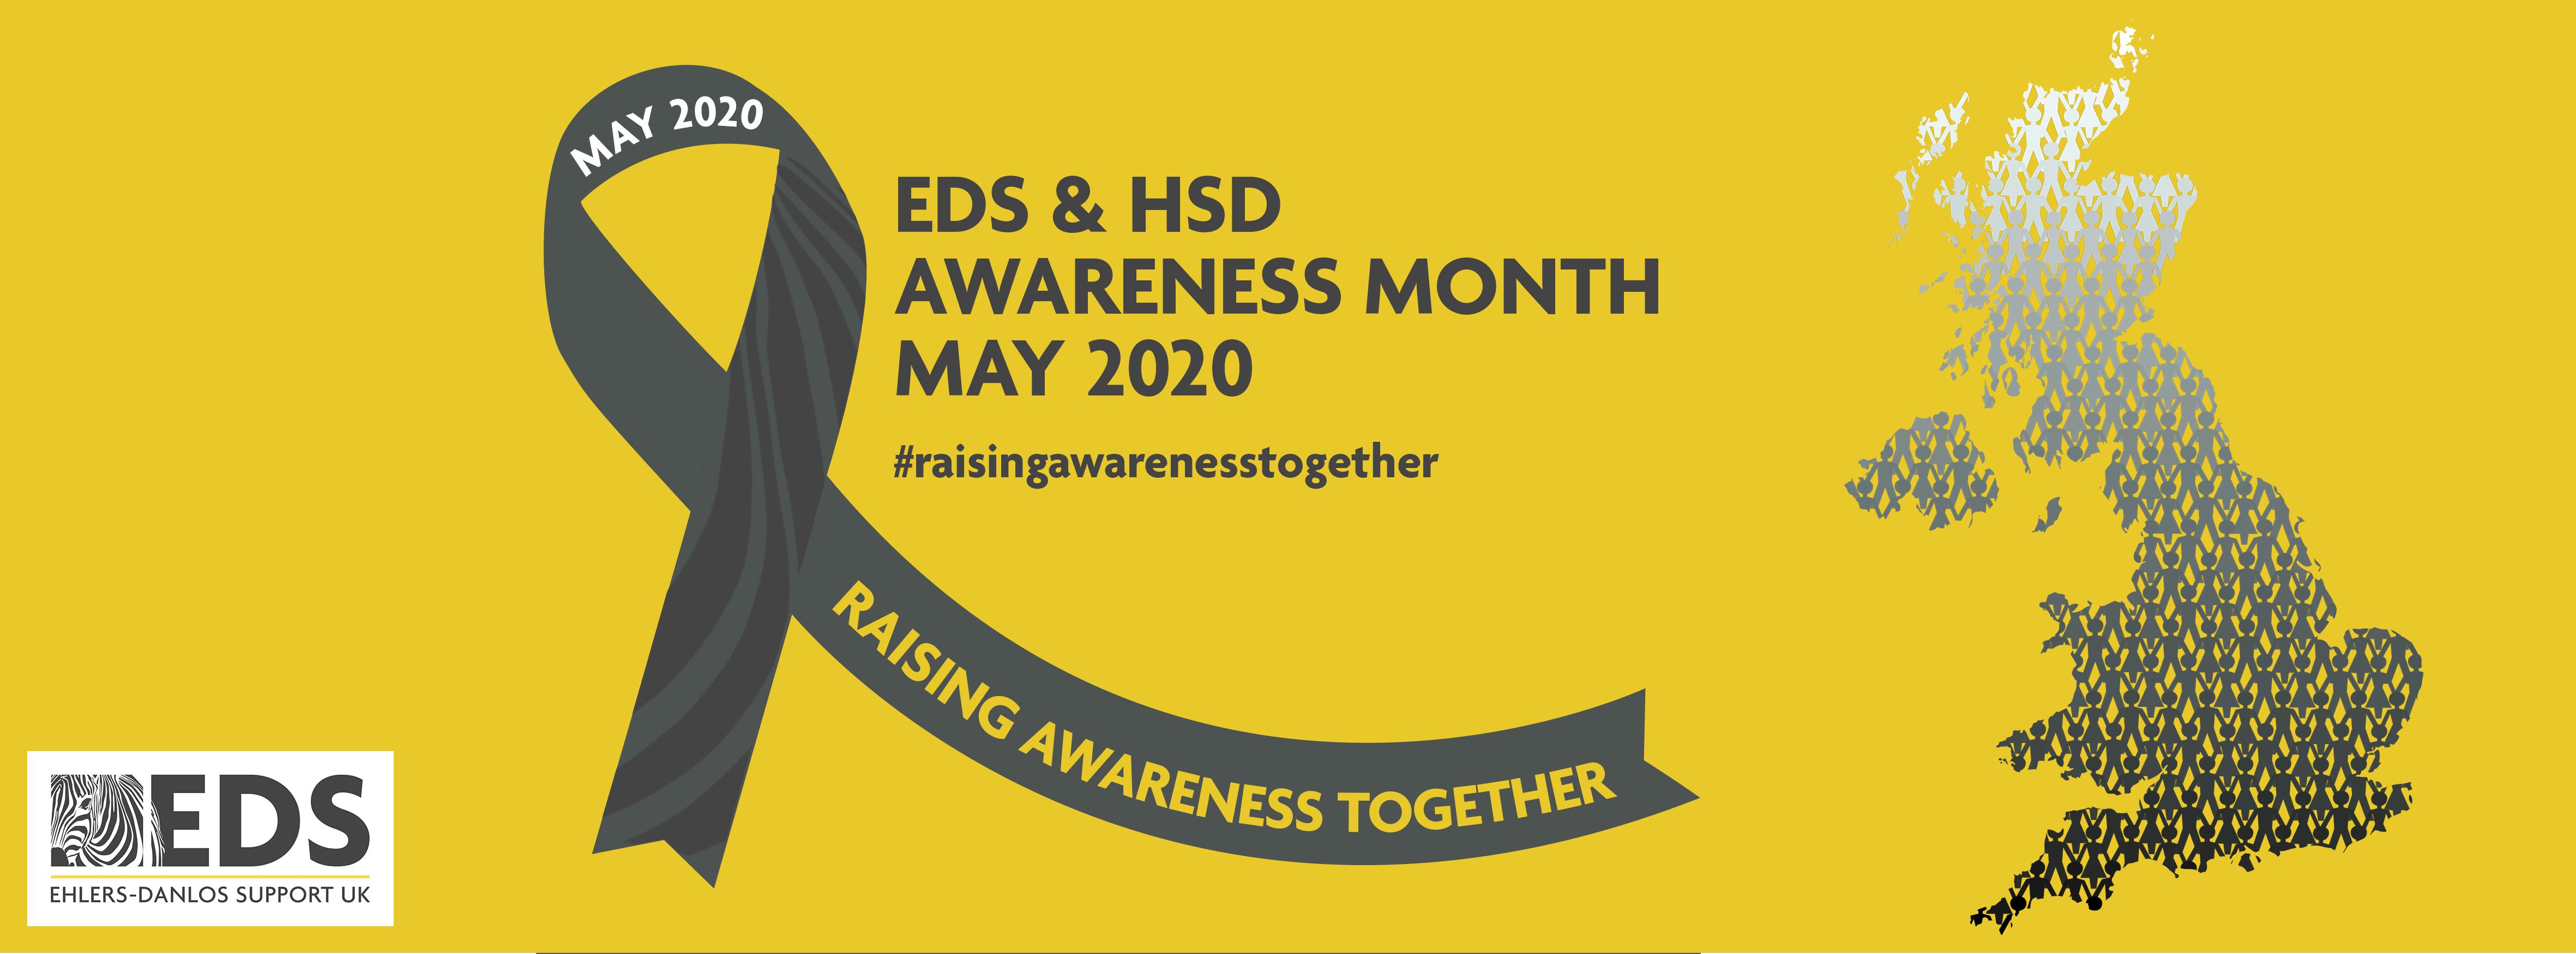 Ehlers-Danlos szindróma: tünetek és kezelés - Betegségek És Állapotok -